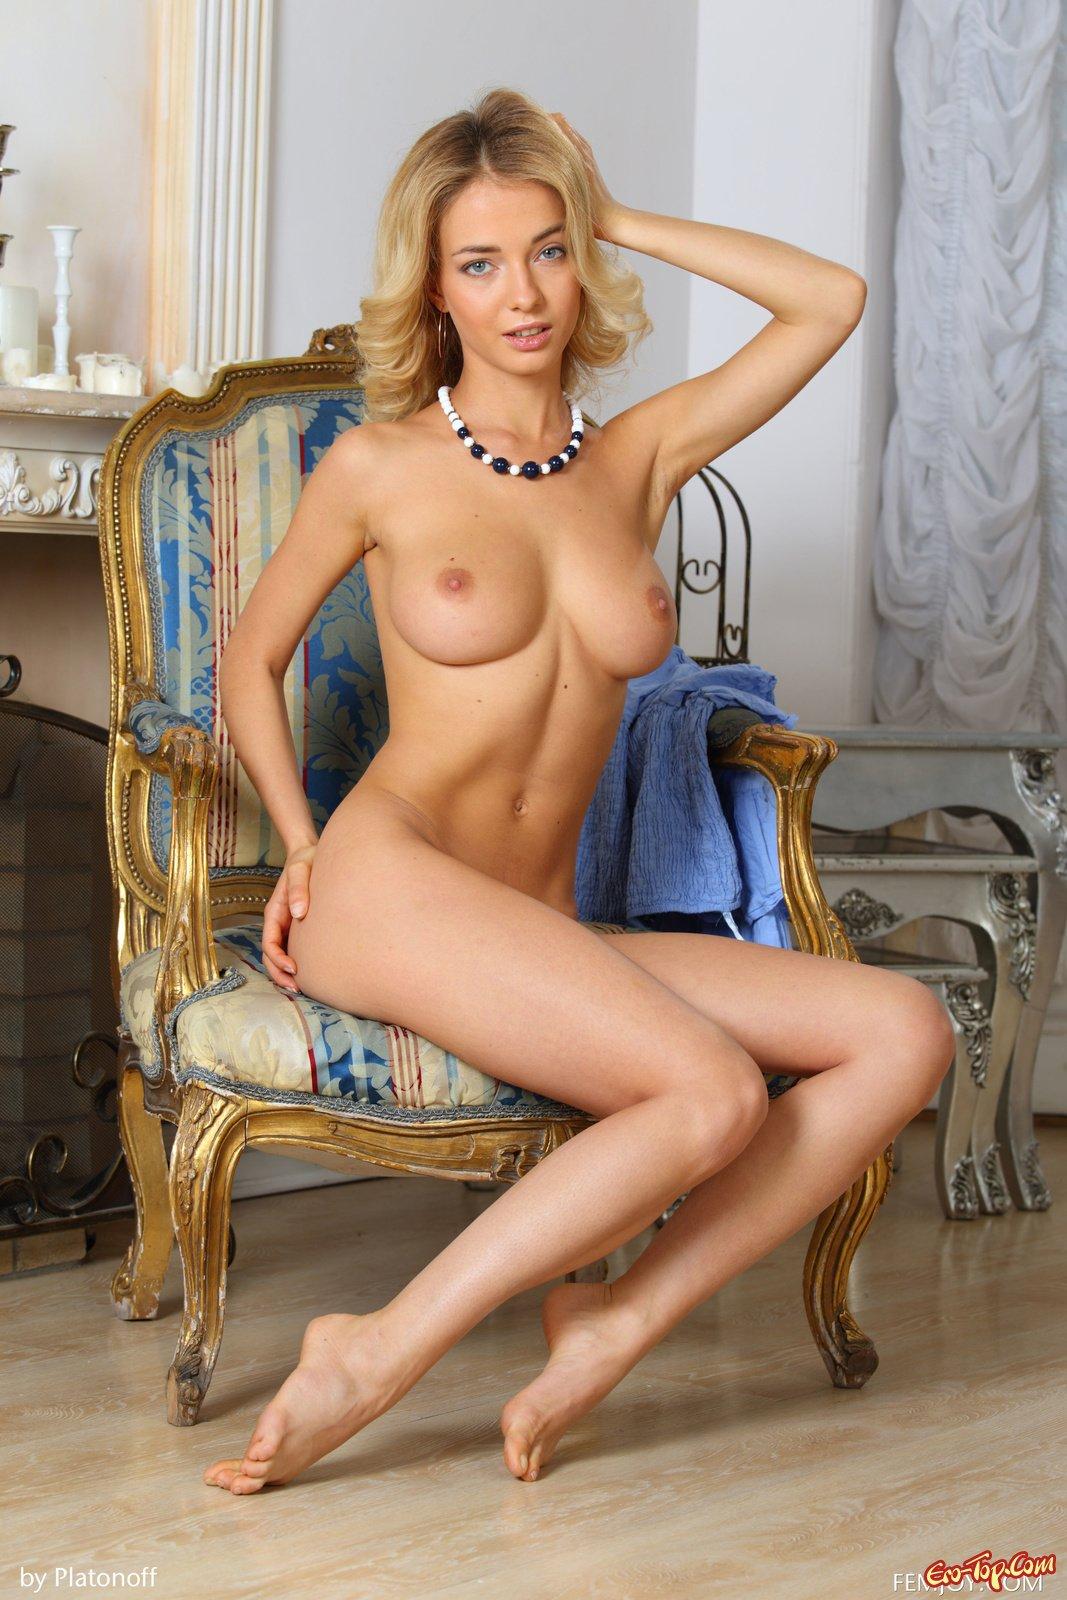 Красивая натуральная грудь смотреть эротику